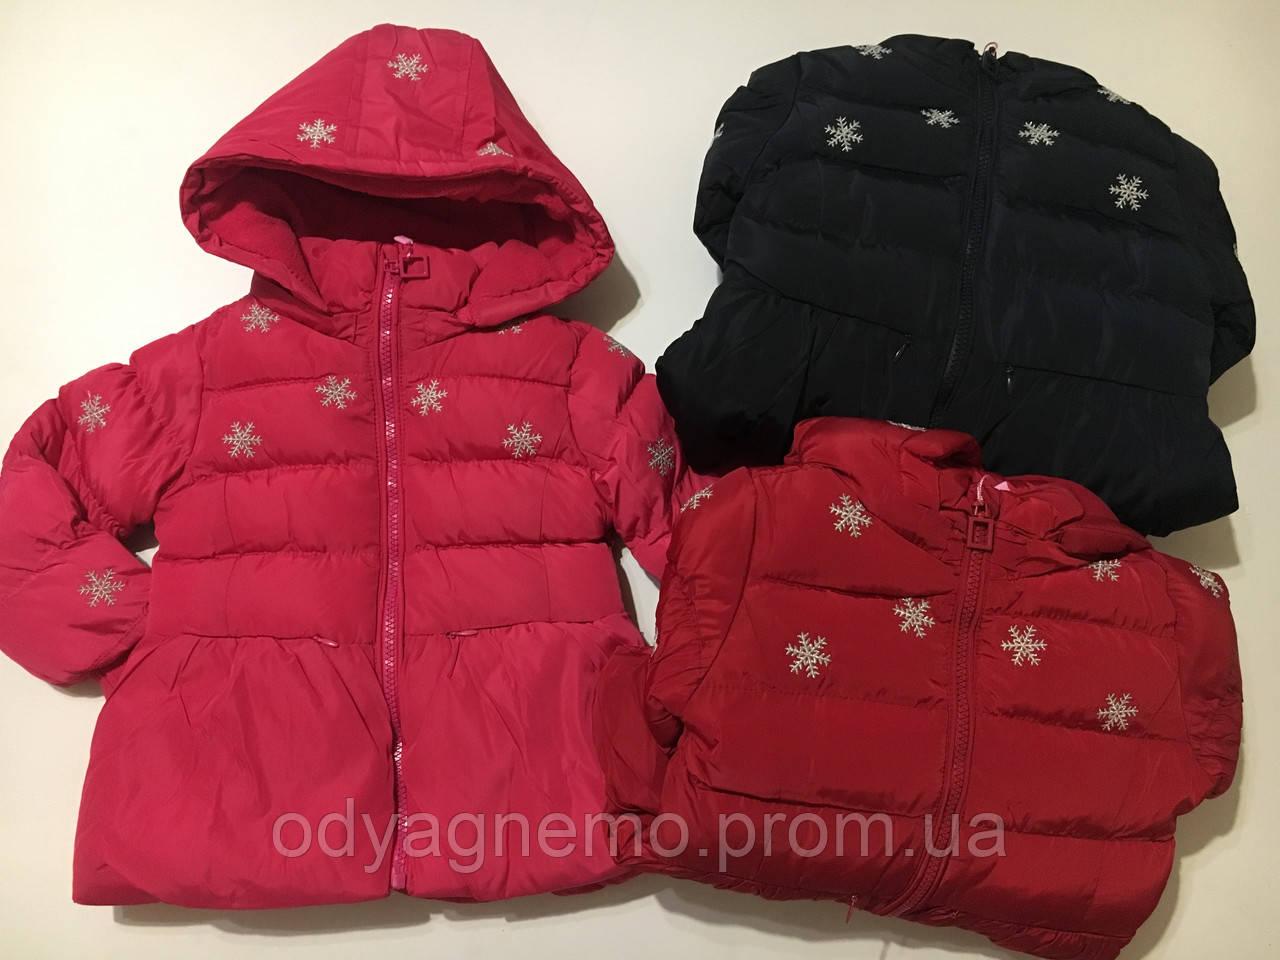 Курточка на флисовой подкладке для девочек Nature оптом ,12/18-30/36 мес.